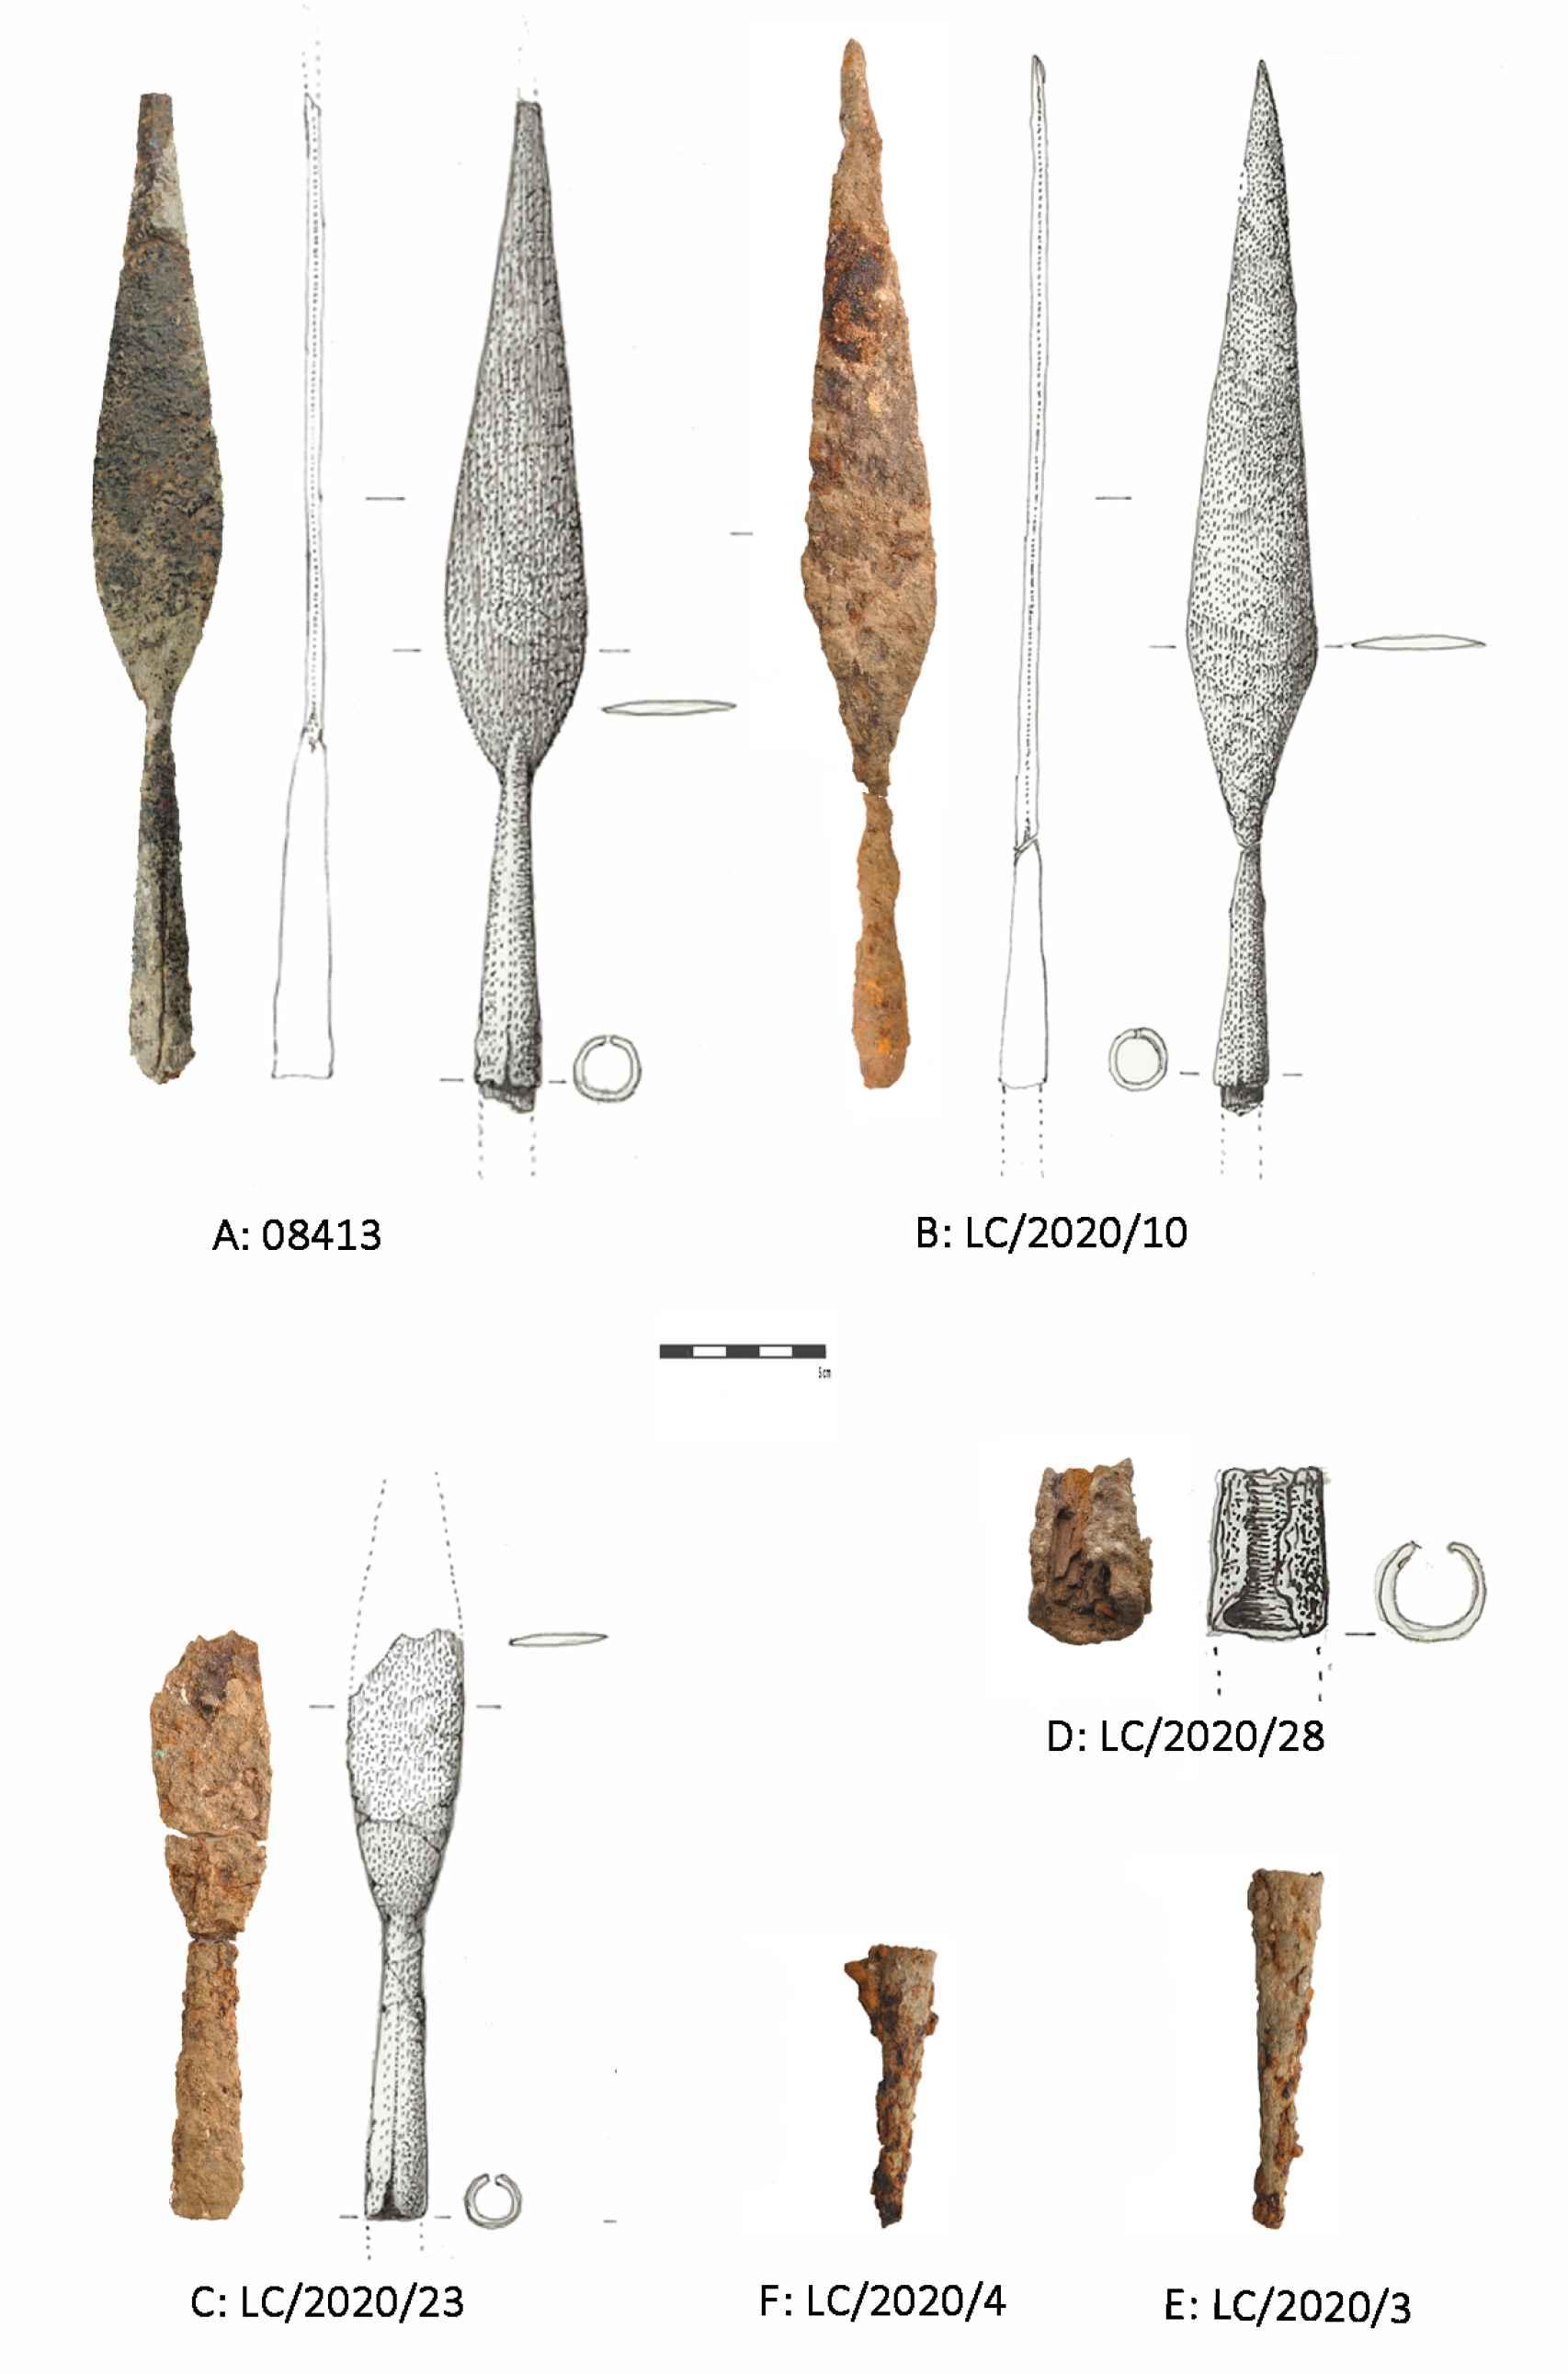 Puntas de lanza recuperadas en el yacimiento.